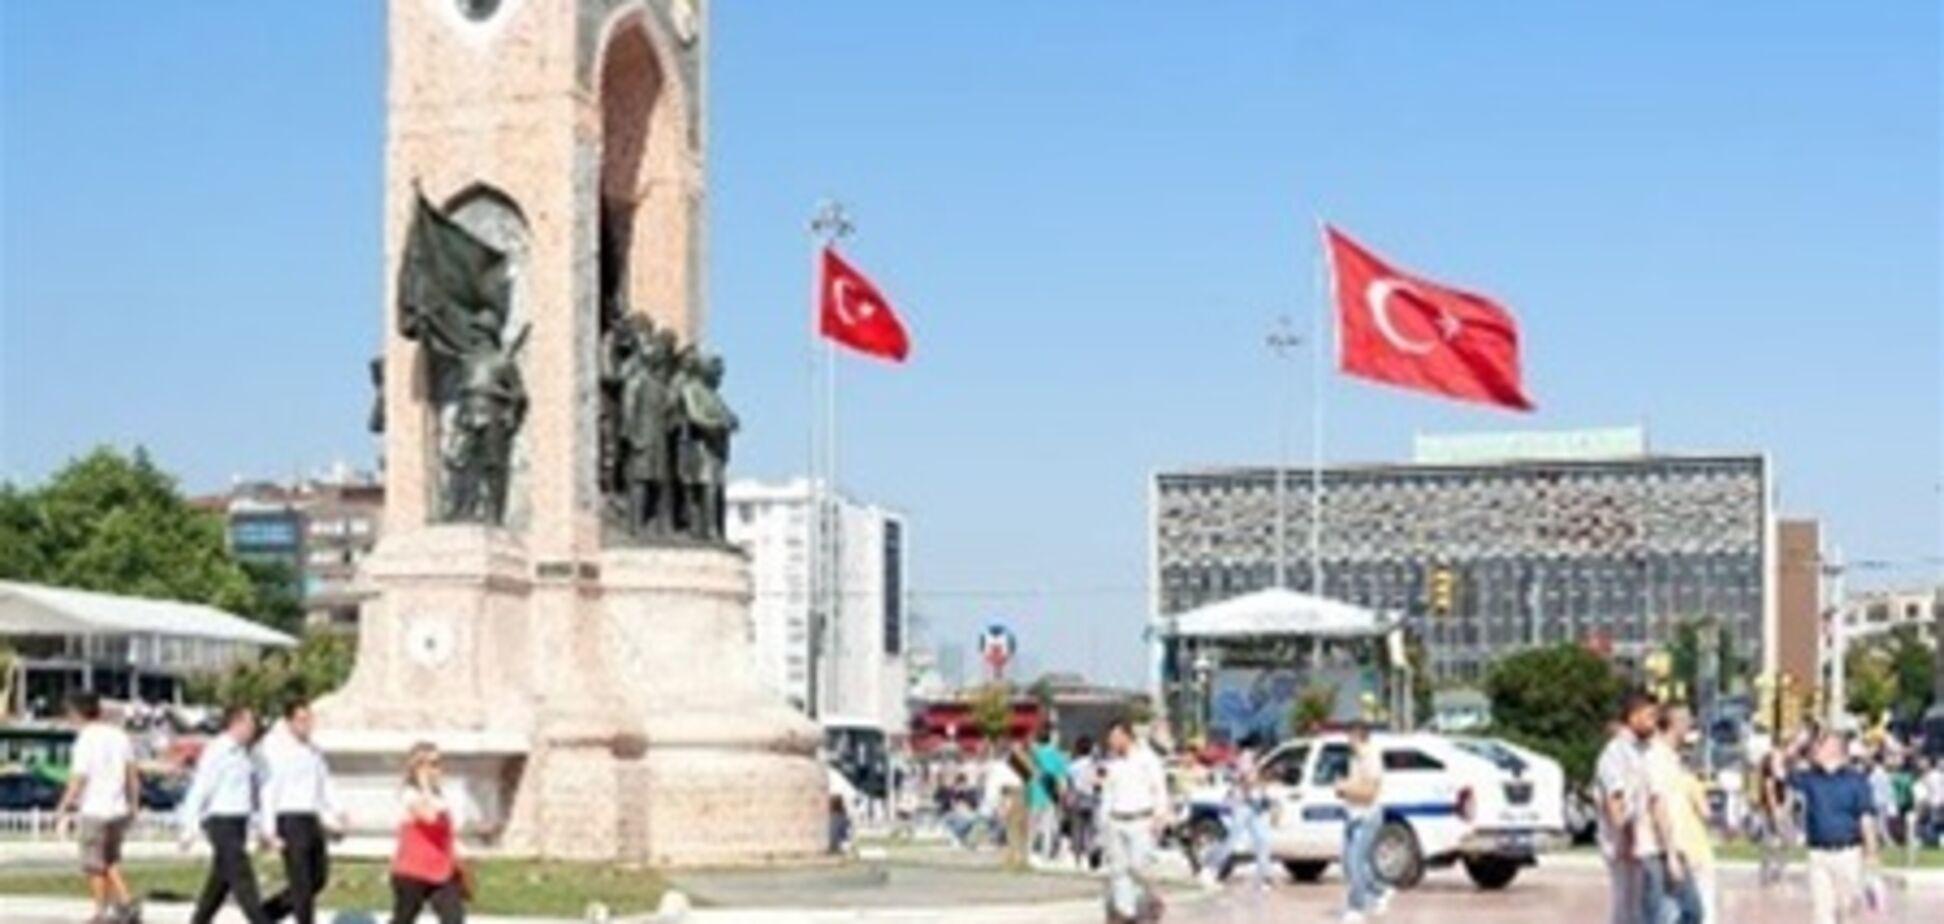 Мэр Стамбула: торгового центра на площади Таксим не будет